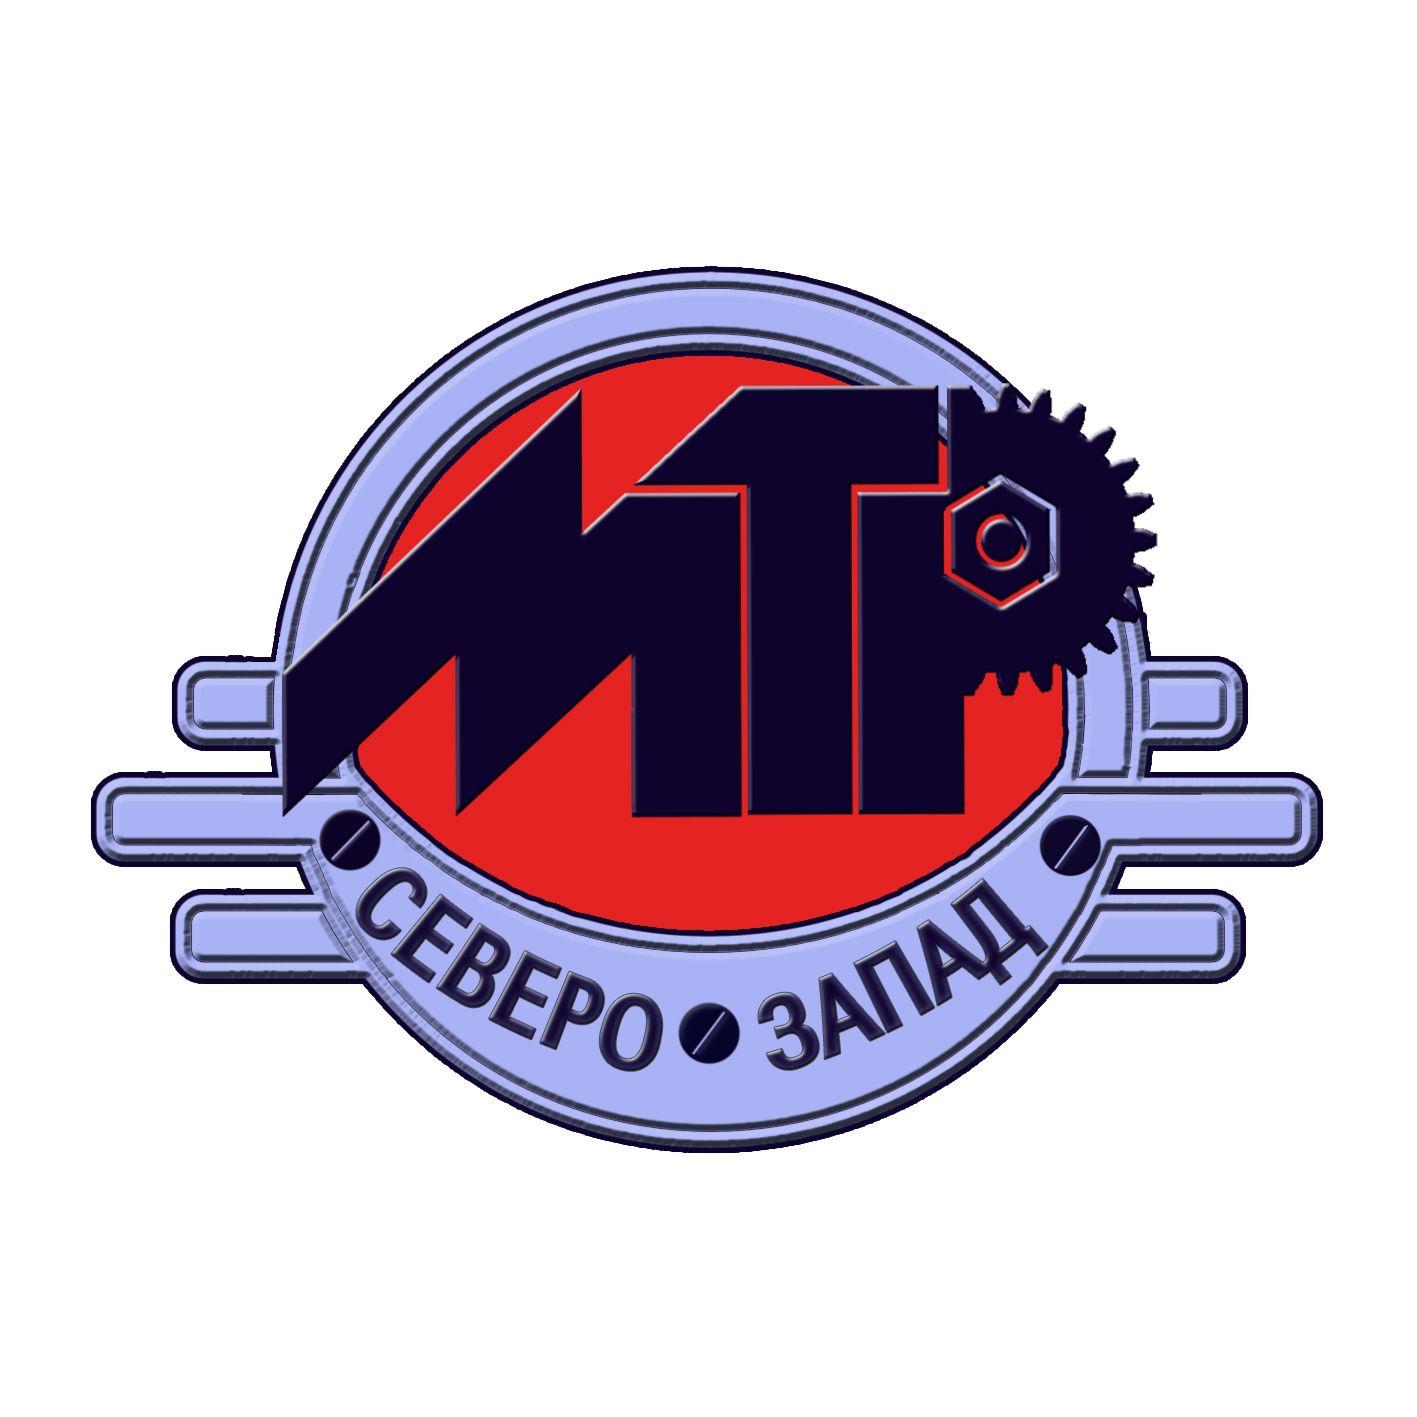 Редизайн лого (производство и продажа мототехники) - дизайнер omega7779